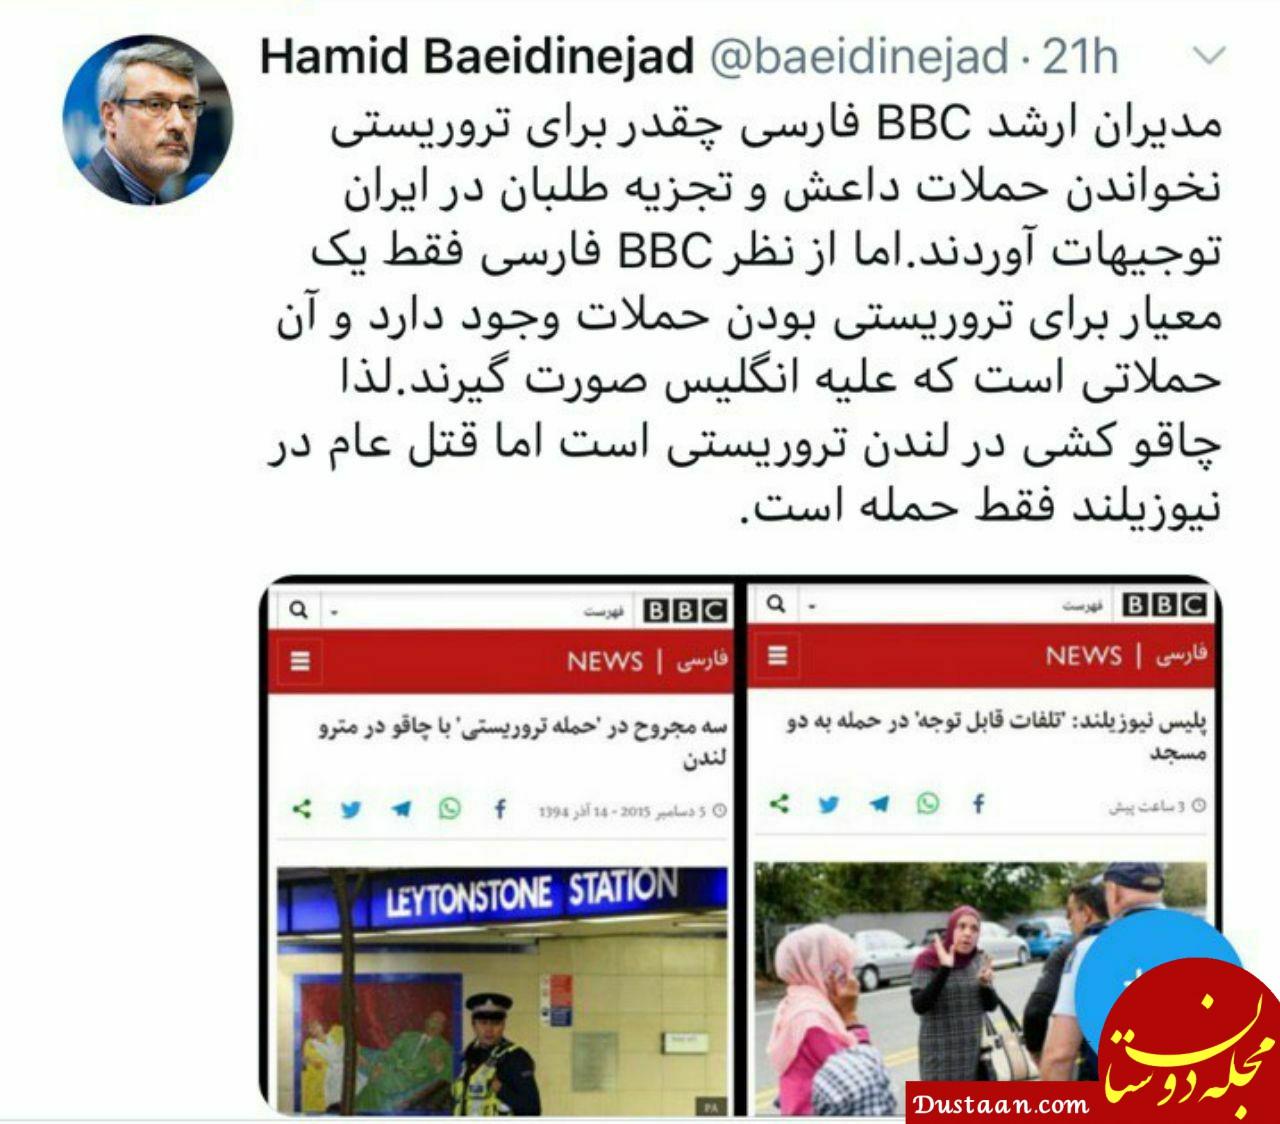 www.dustaan.com انتقاد بعیدی نژاد از BBC فارسی بخاطر تروریستی نخواندن حمله به مسلمانان نیوزلند